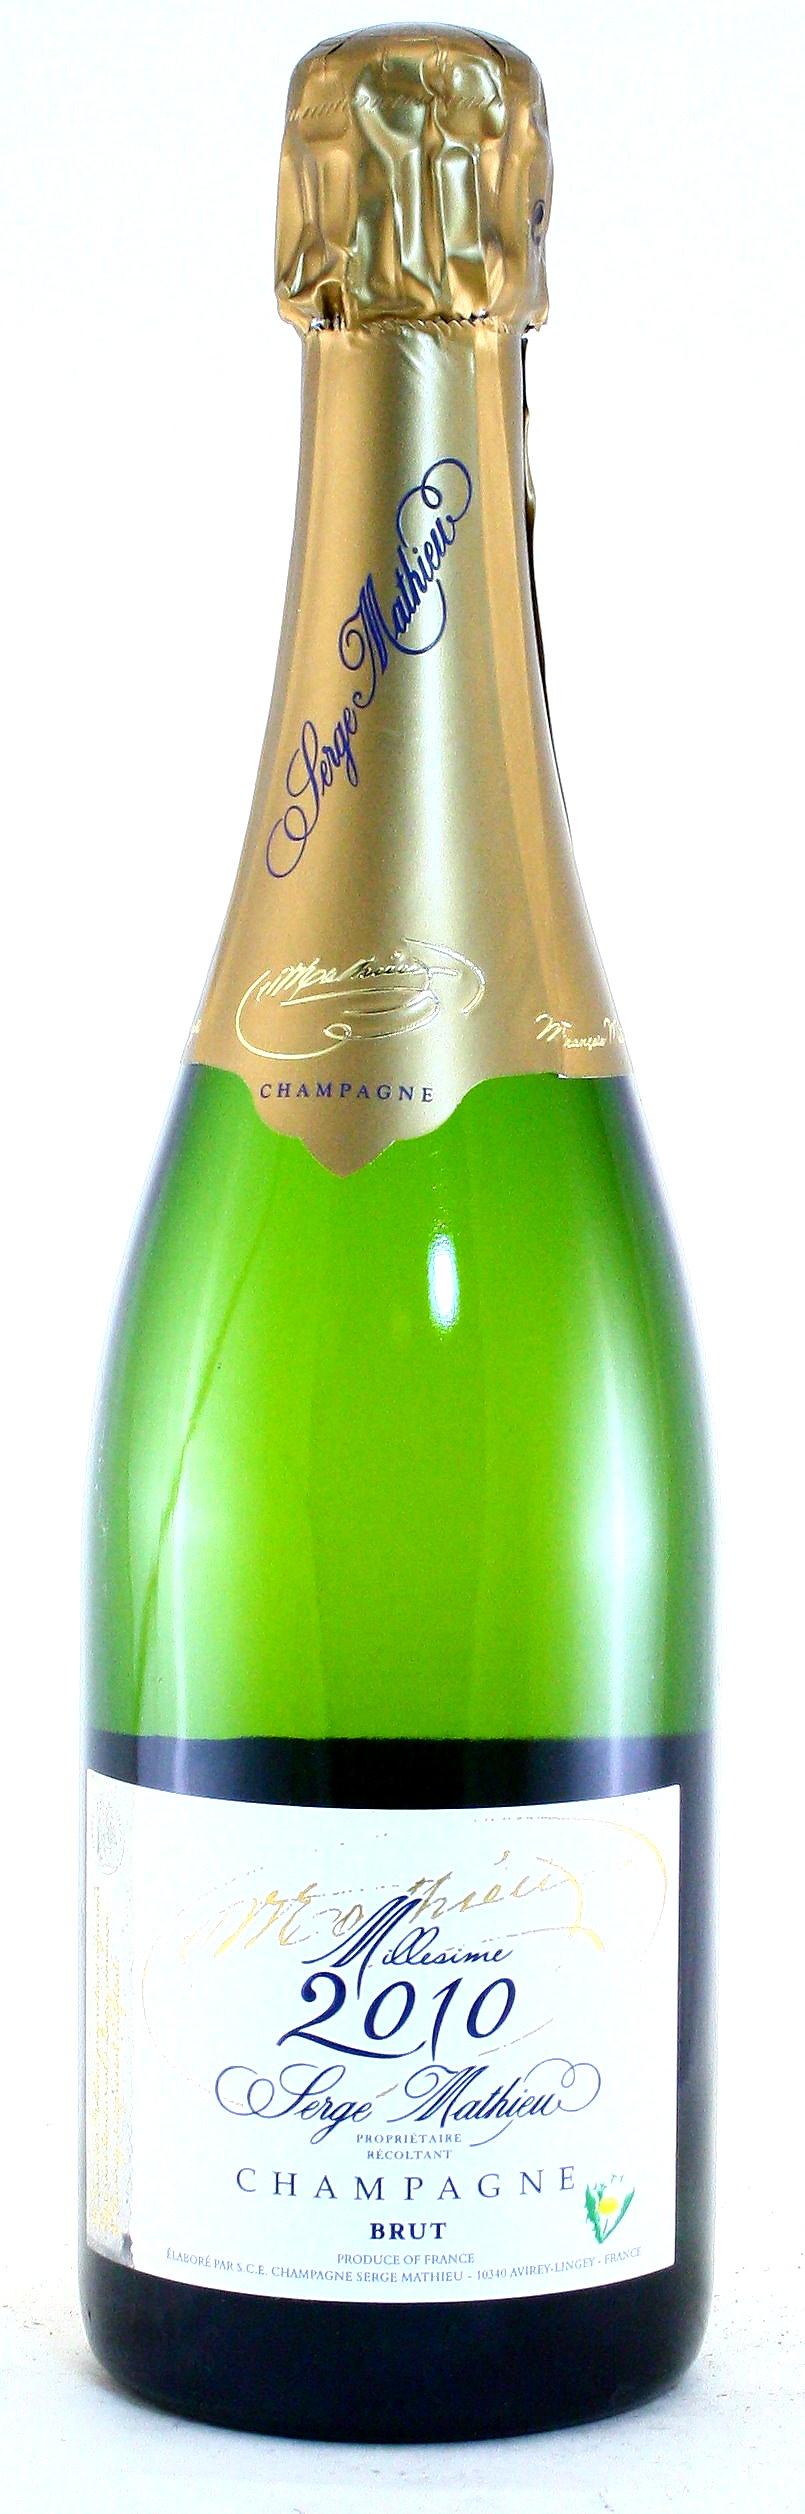 Champagner Millesime 2010 Serge Mathieu